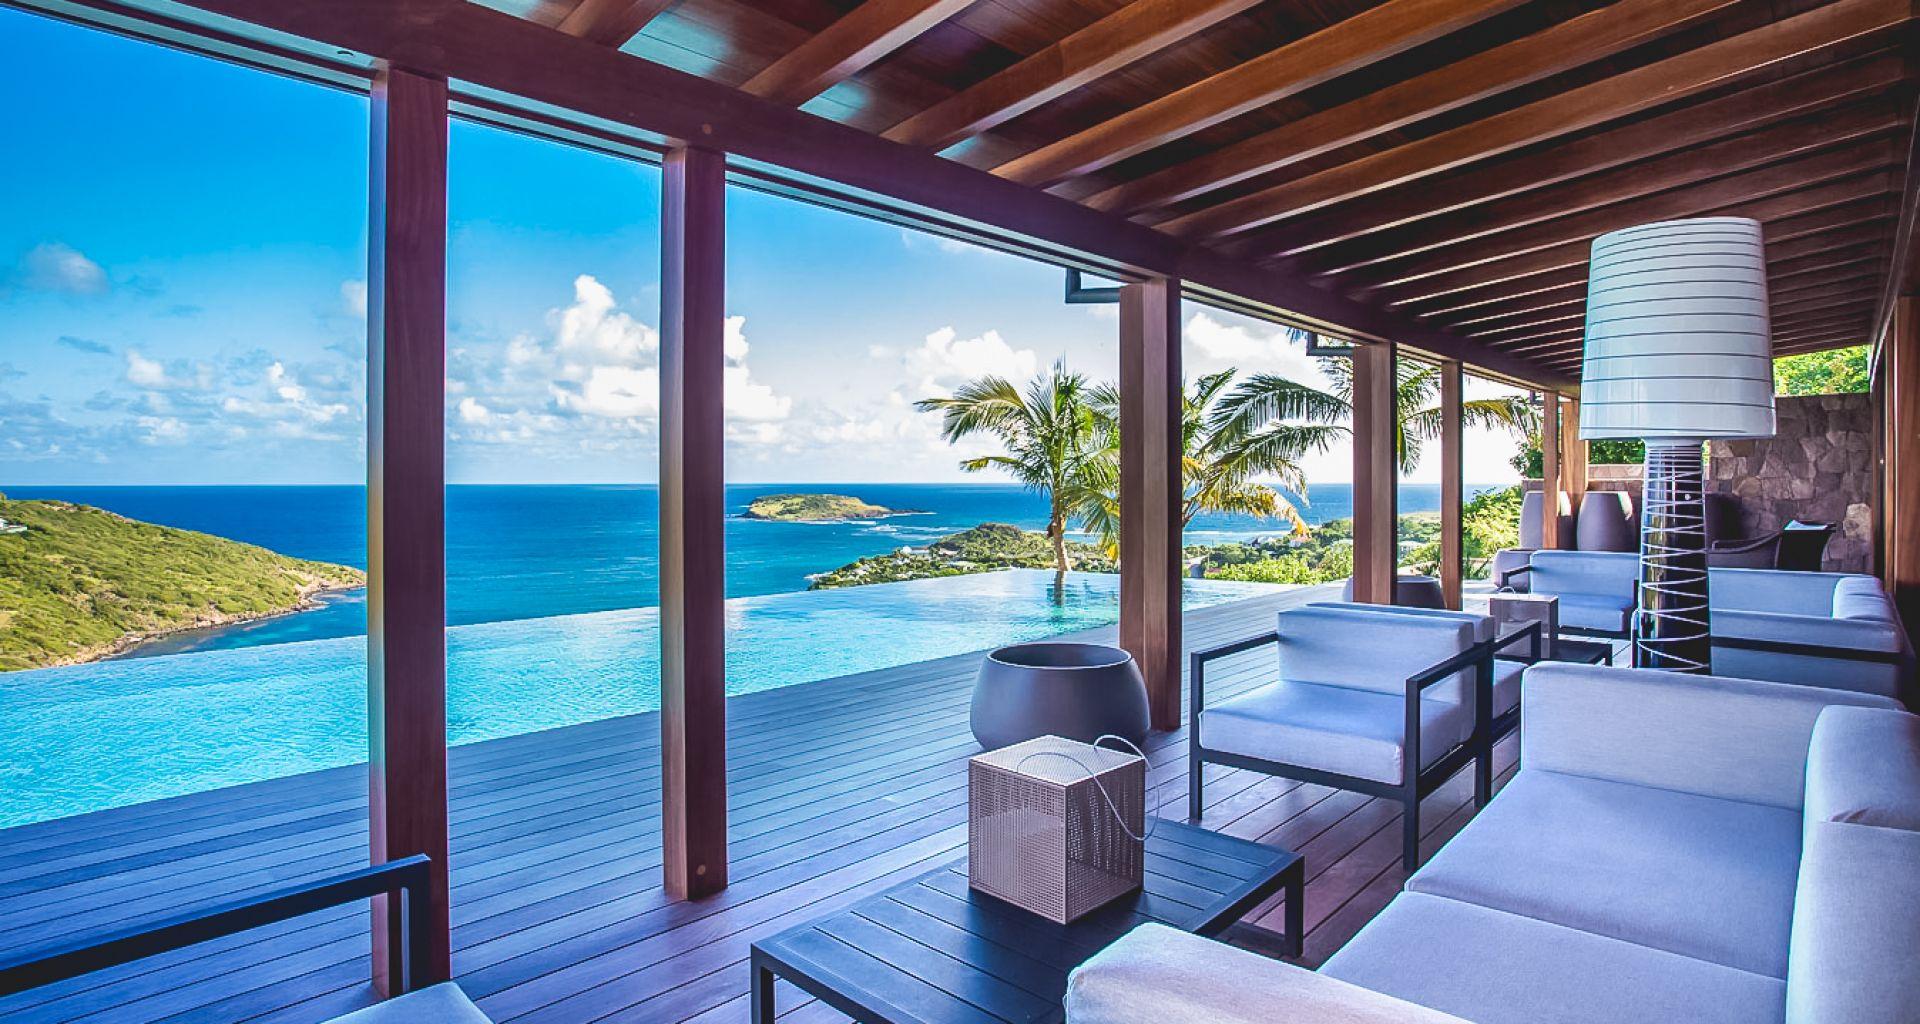 Villa Joy, St-Barts, Caribbean